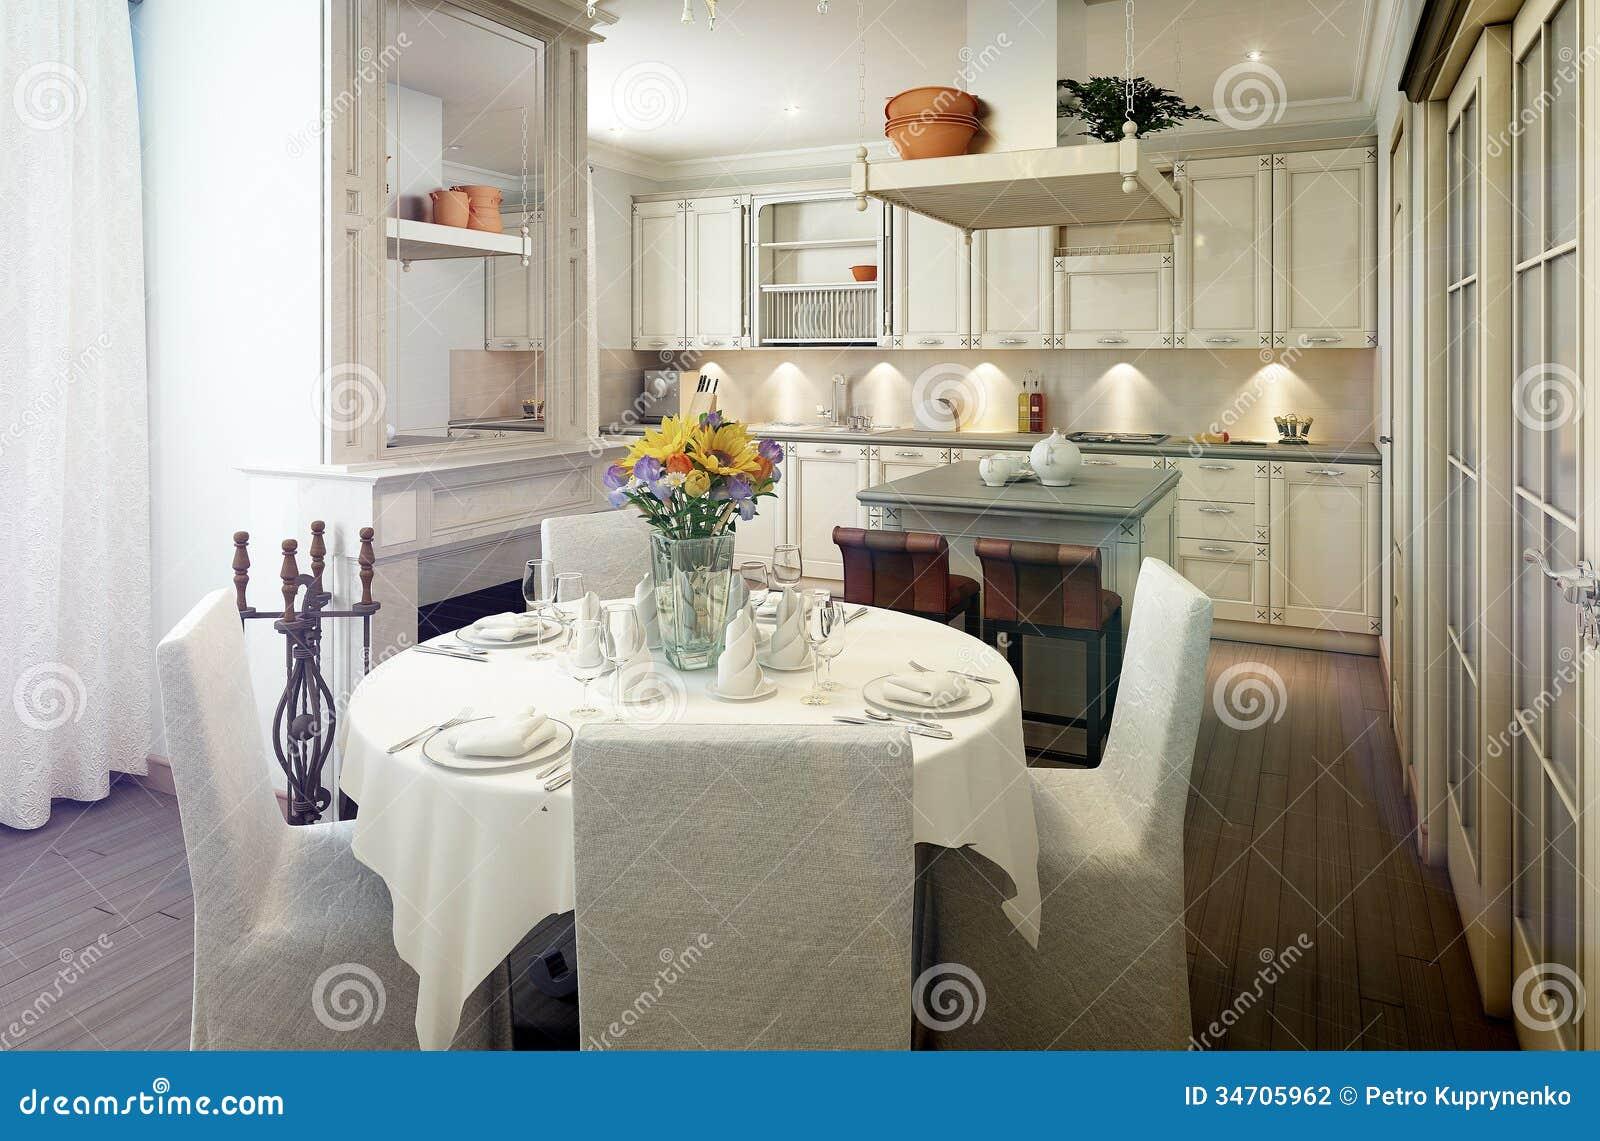 Red kitchen interior design